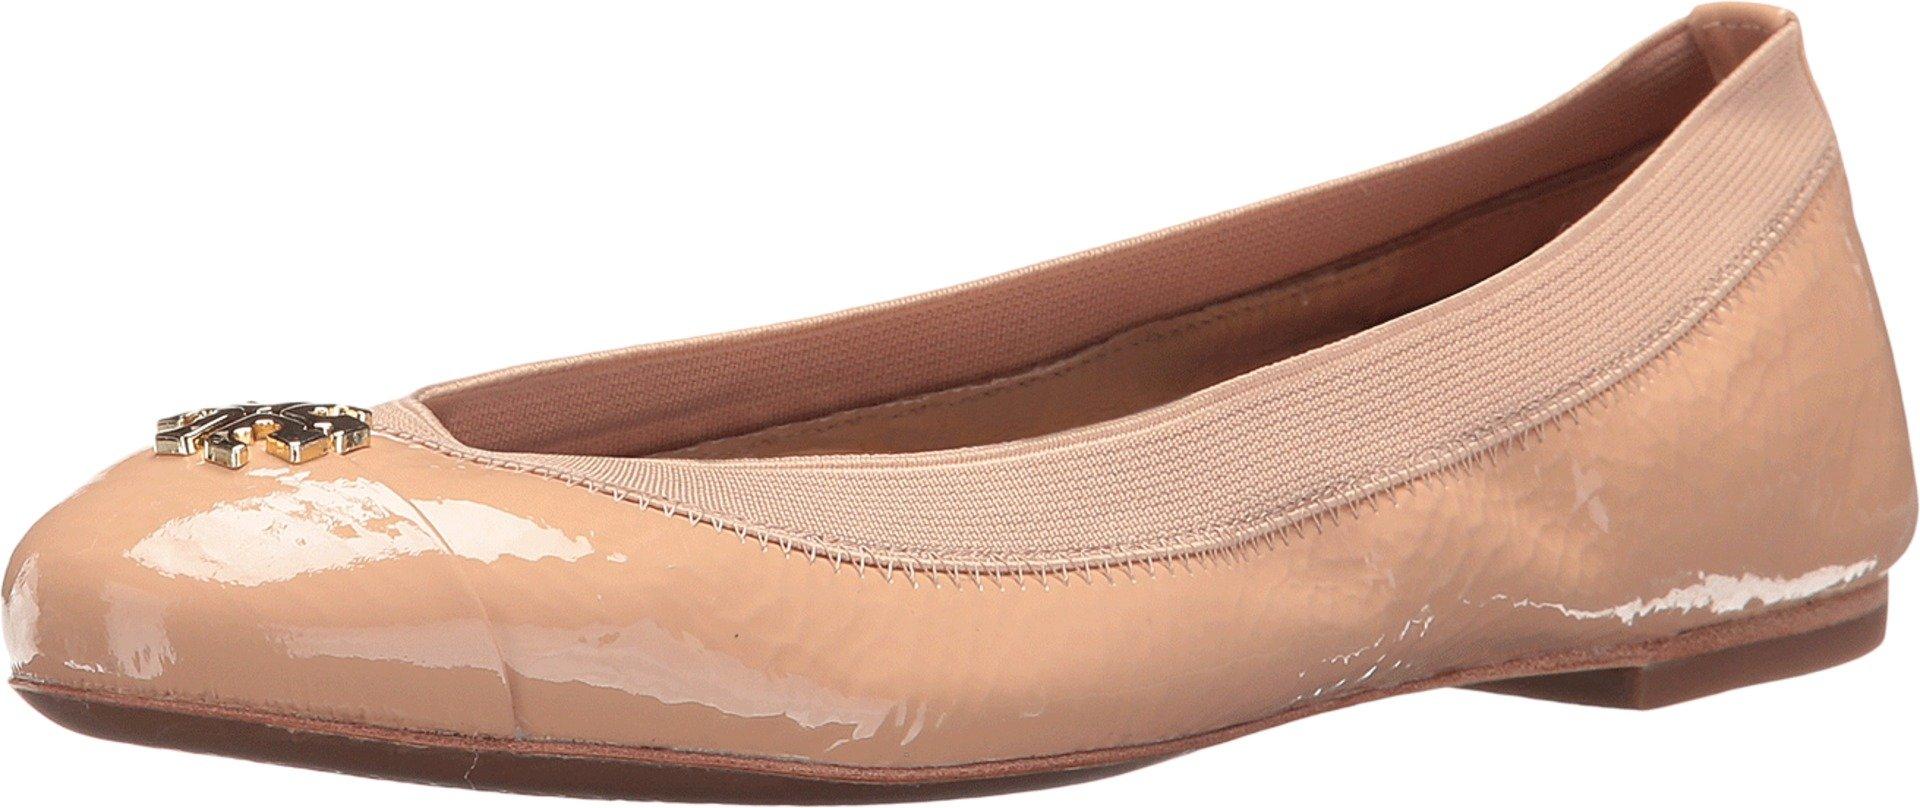 Tory Burch Jolie Ballet Flat (8 B (M) US, Light Oak)